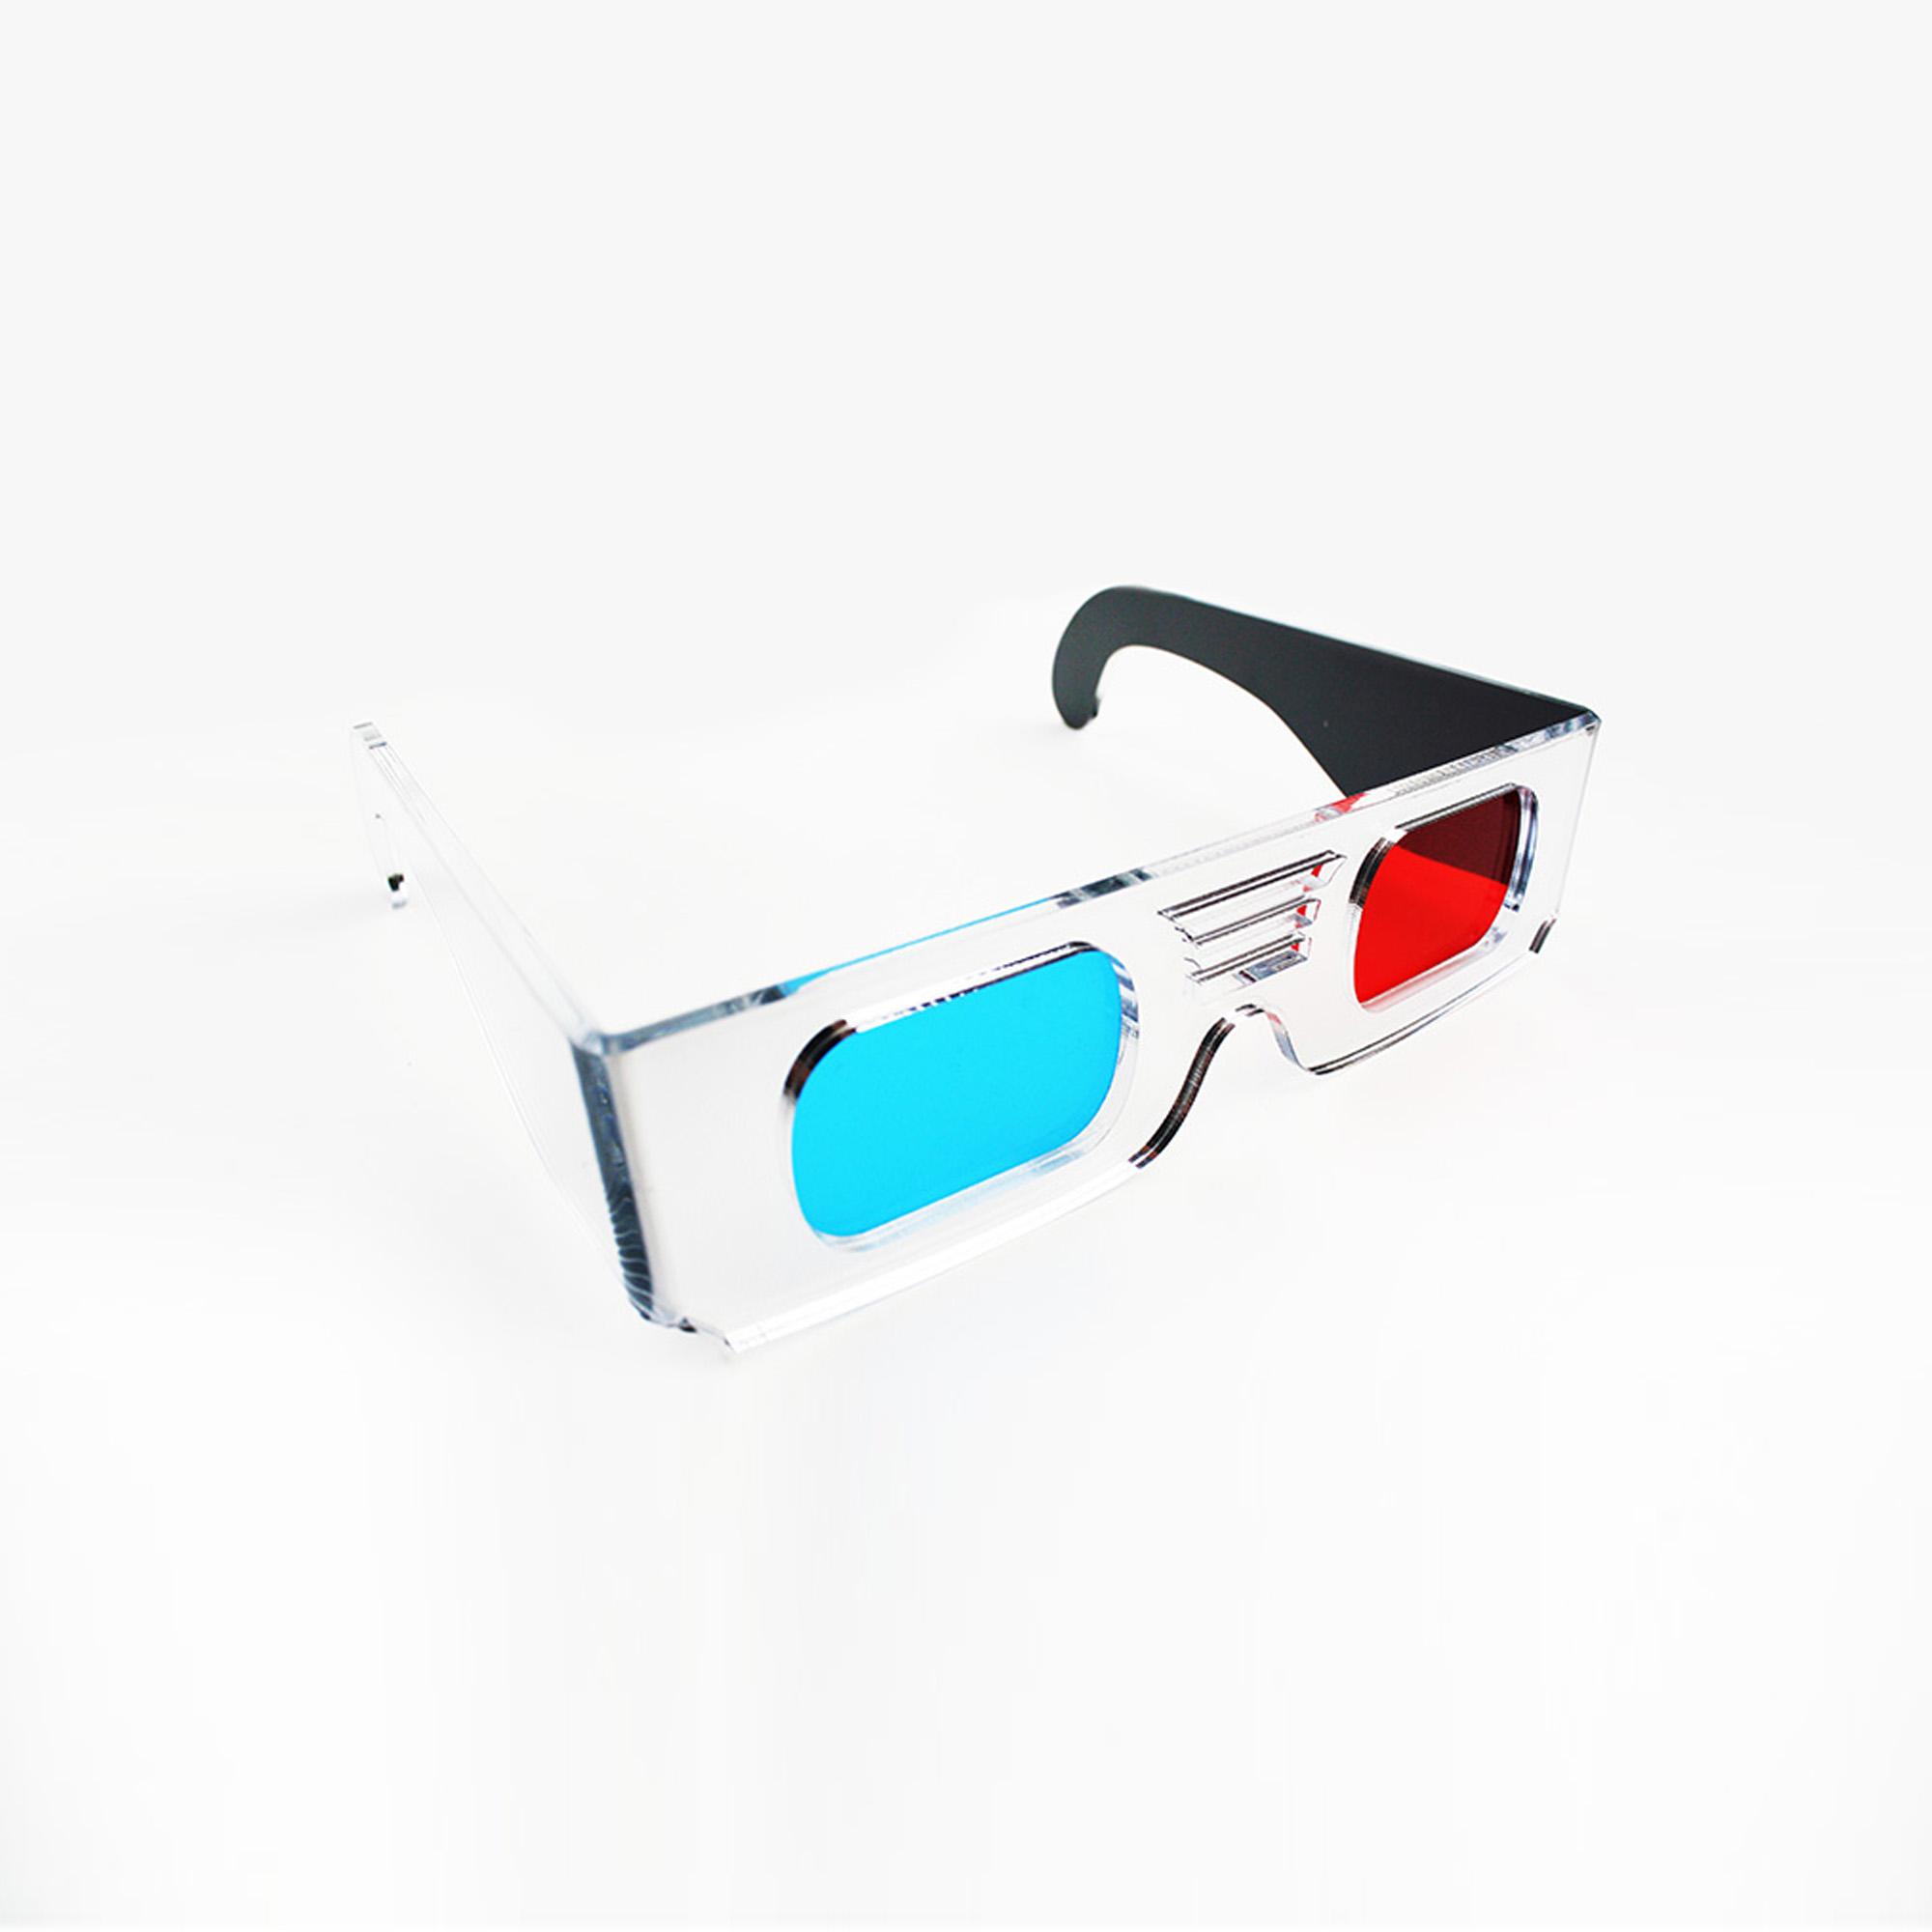 Eyerobics_main_glasses